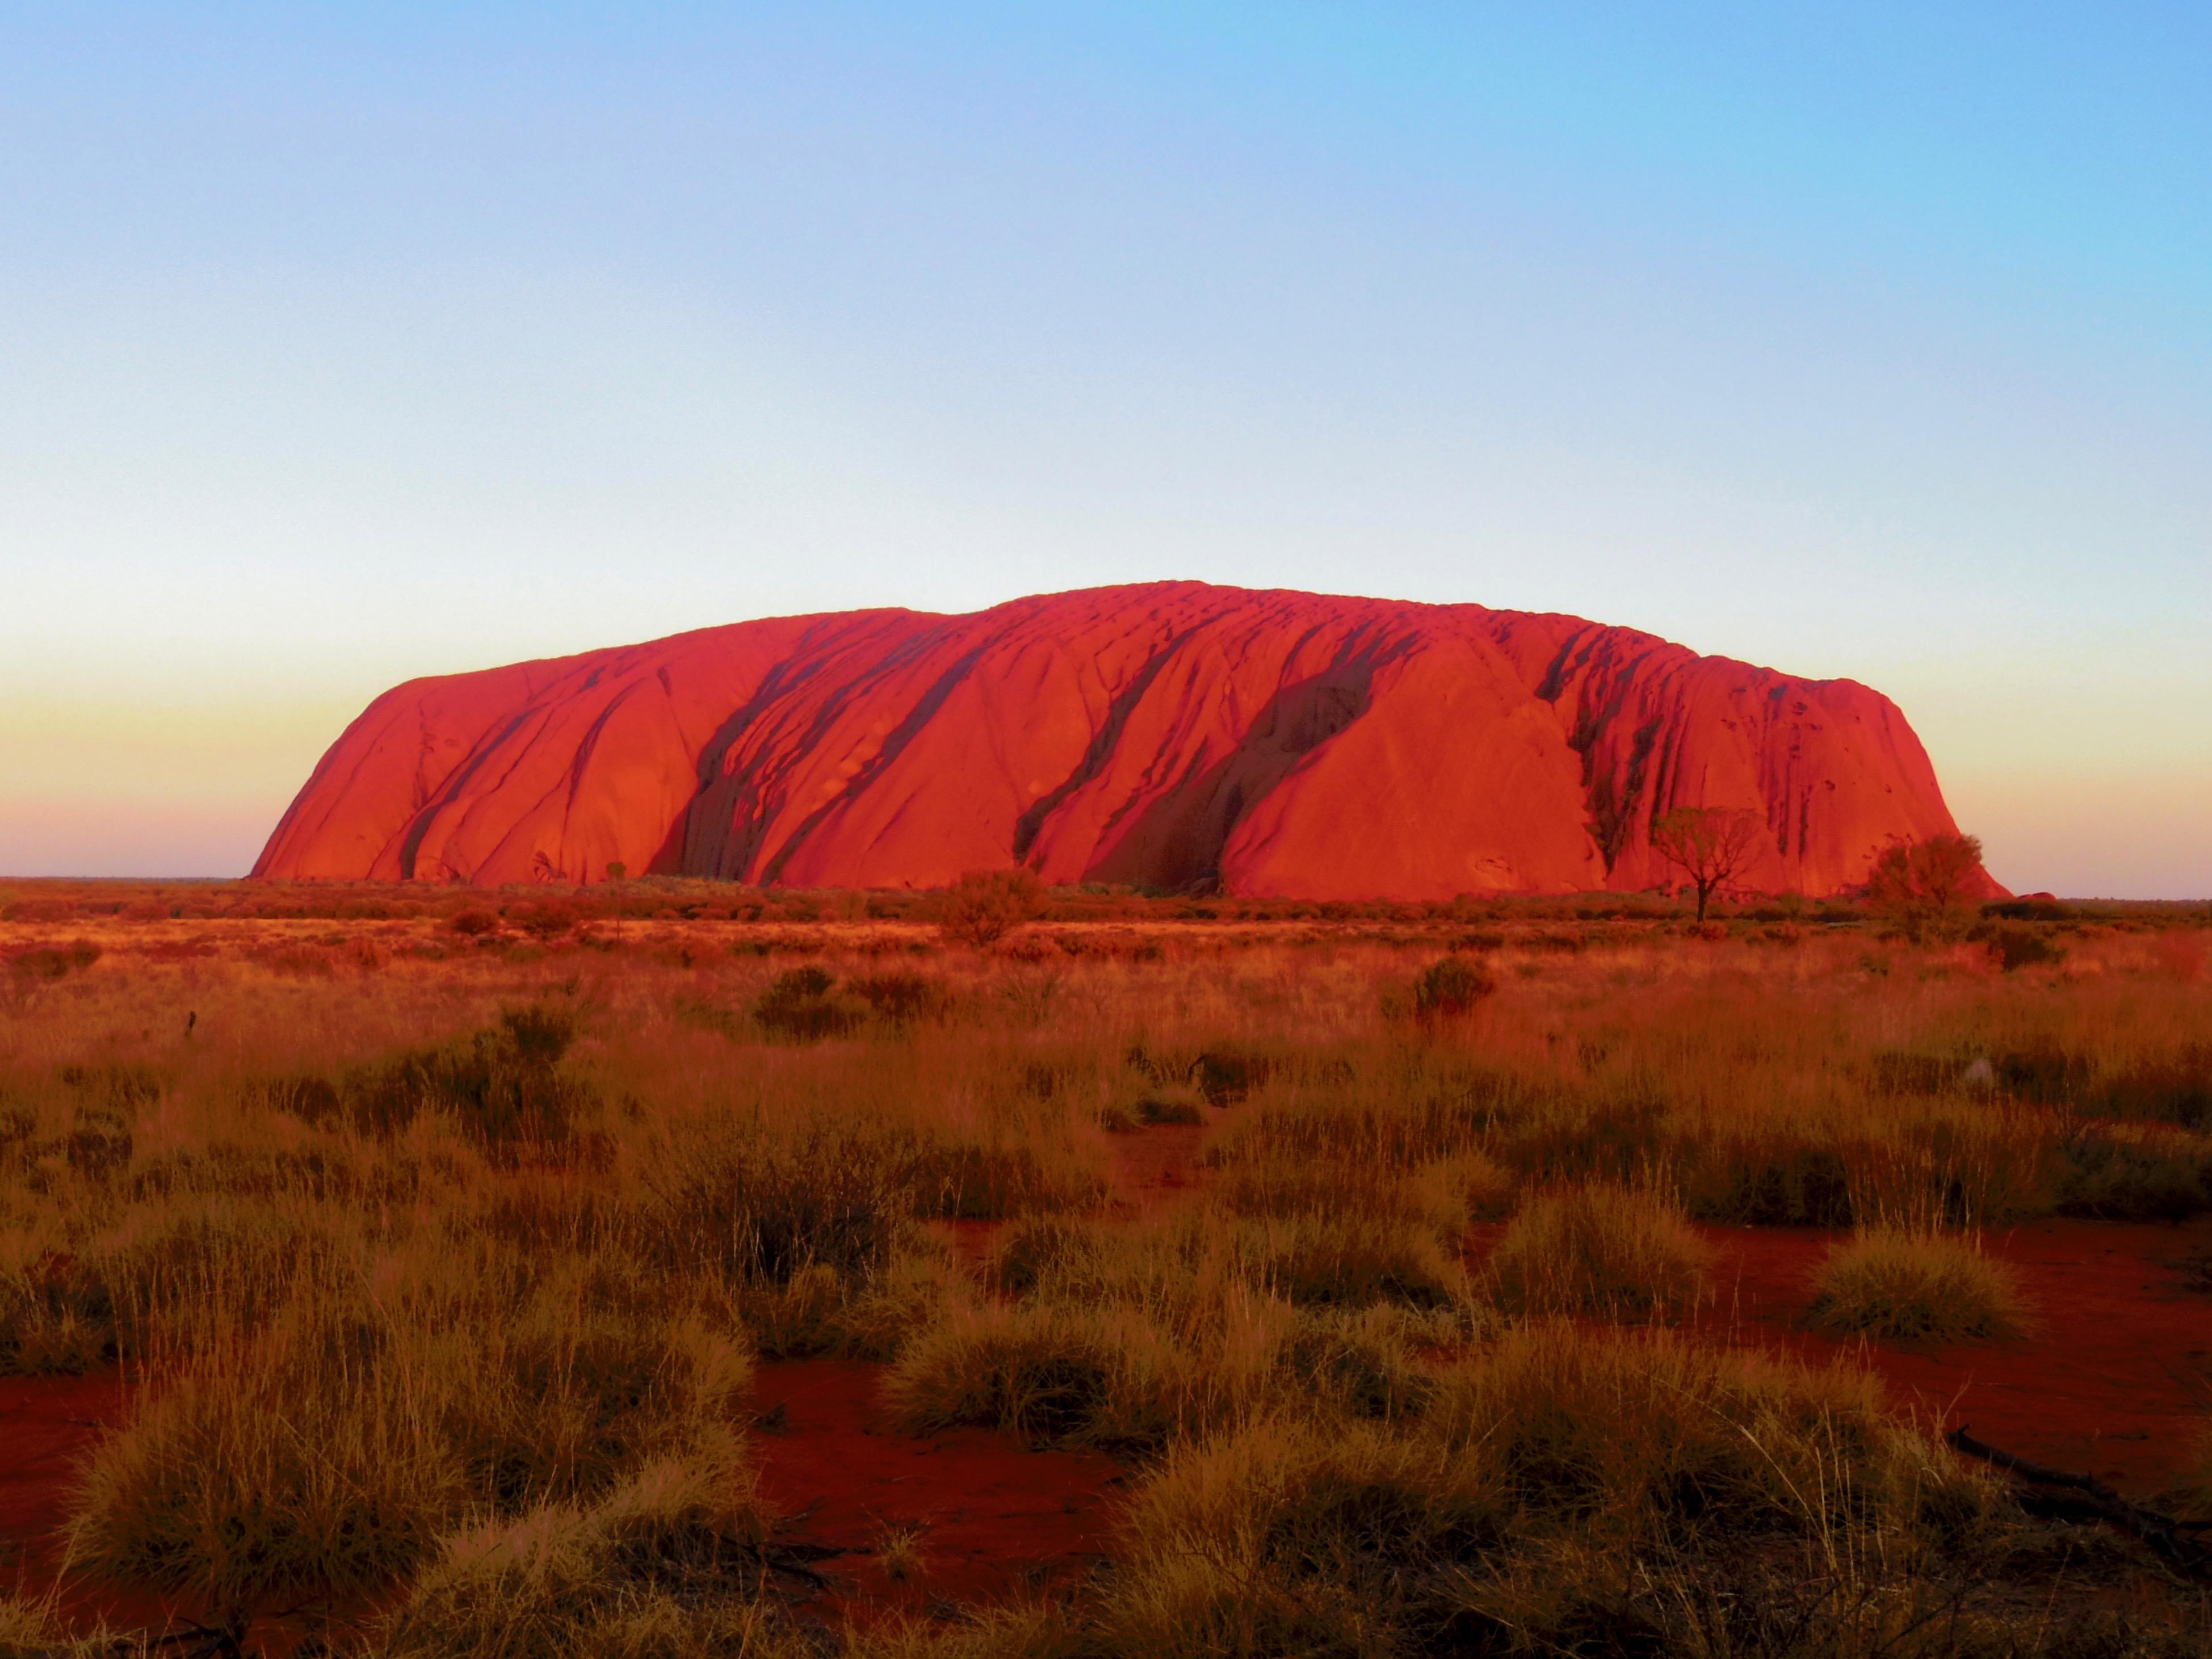 オーストラリア,エアーズロック,一人旅,ウルル,登山,最終日